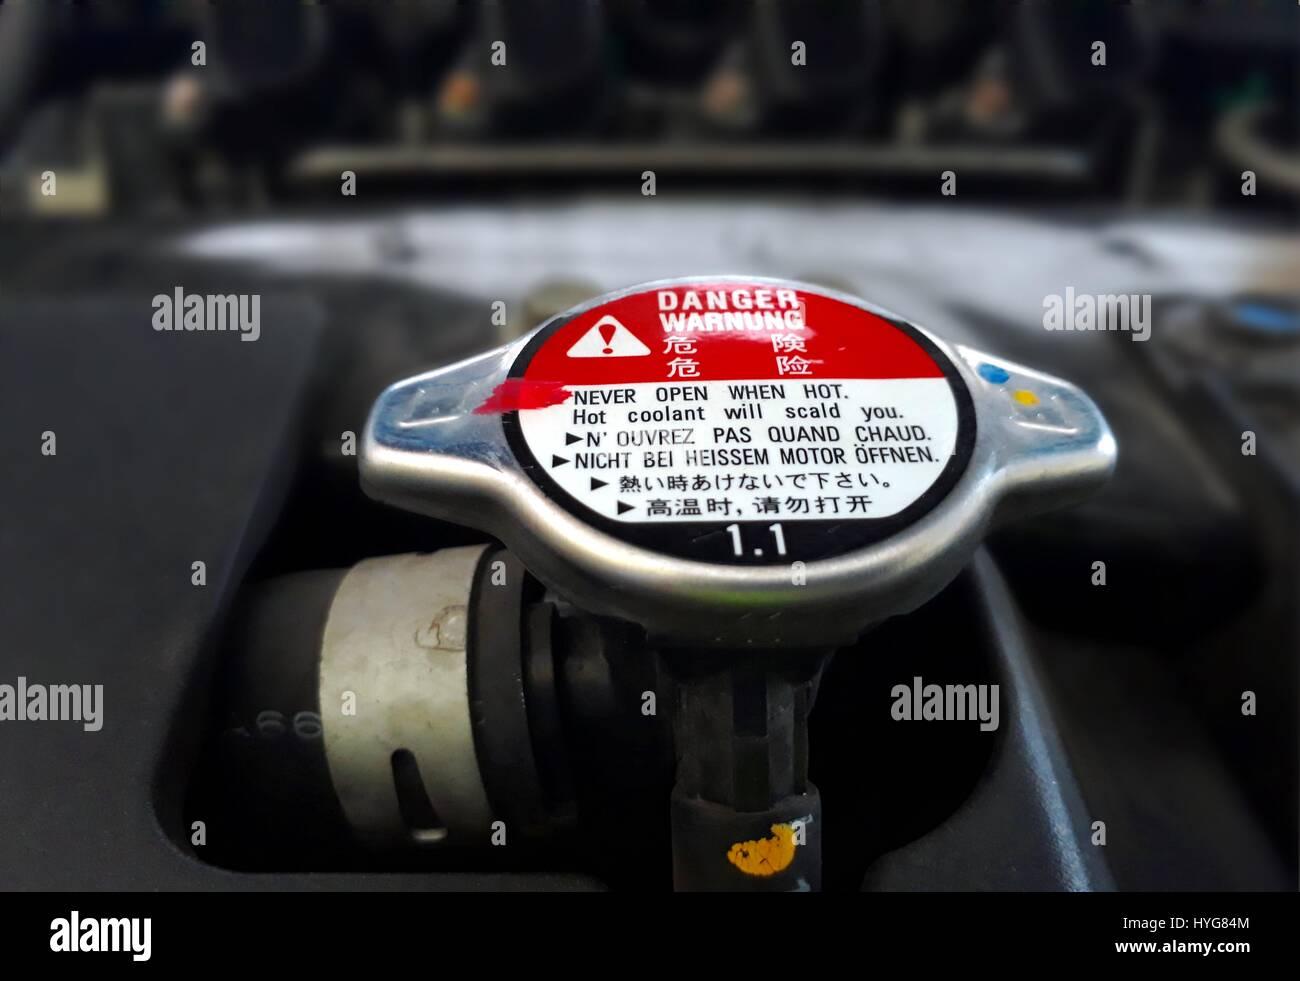 cercare scarpe da ginnastica a buon mercato design innovativo Auto il tappo del radiatore con un cartello di segnalazione ...